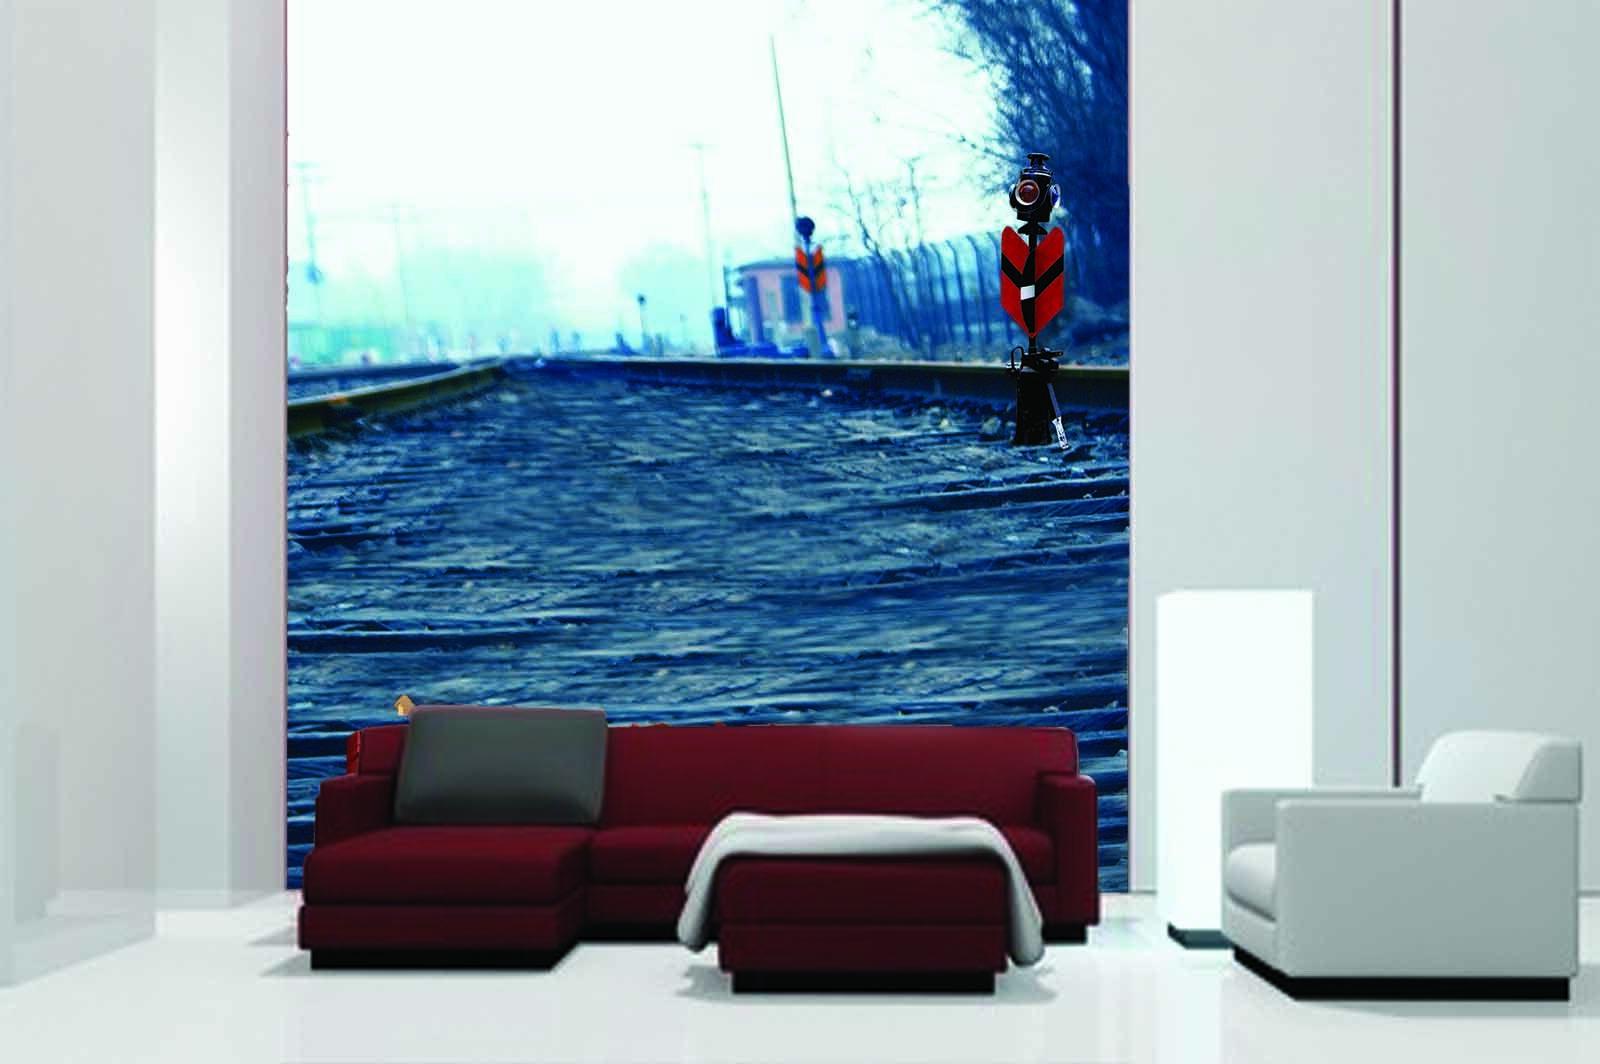 3D Zug Auffahrt 754 Tapete Tapete Tapete Wandgemälde Tapete Tapeten Bild Familie DE Summer | Smart  | Elegantes Aussehen  | Lassen Sie unsere Produkte in die Welt gehen  73d145